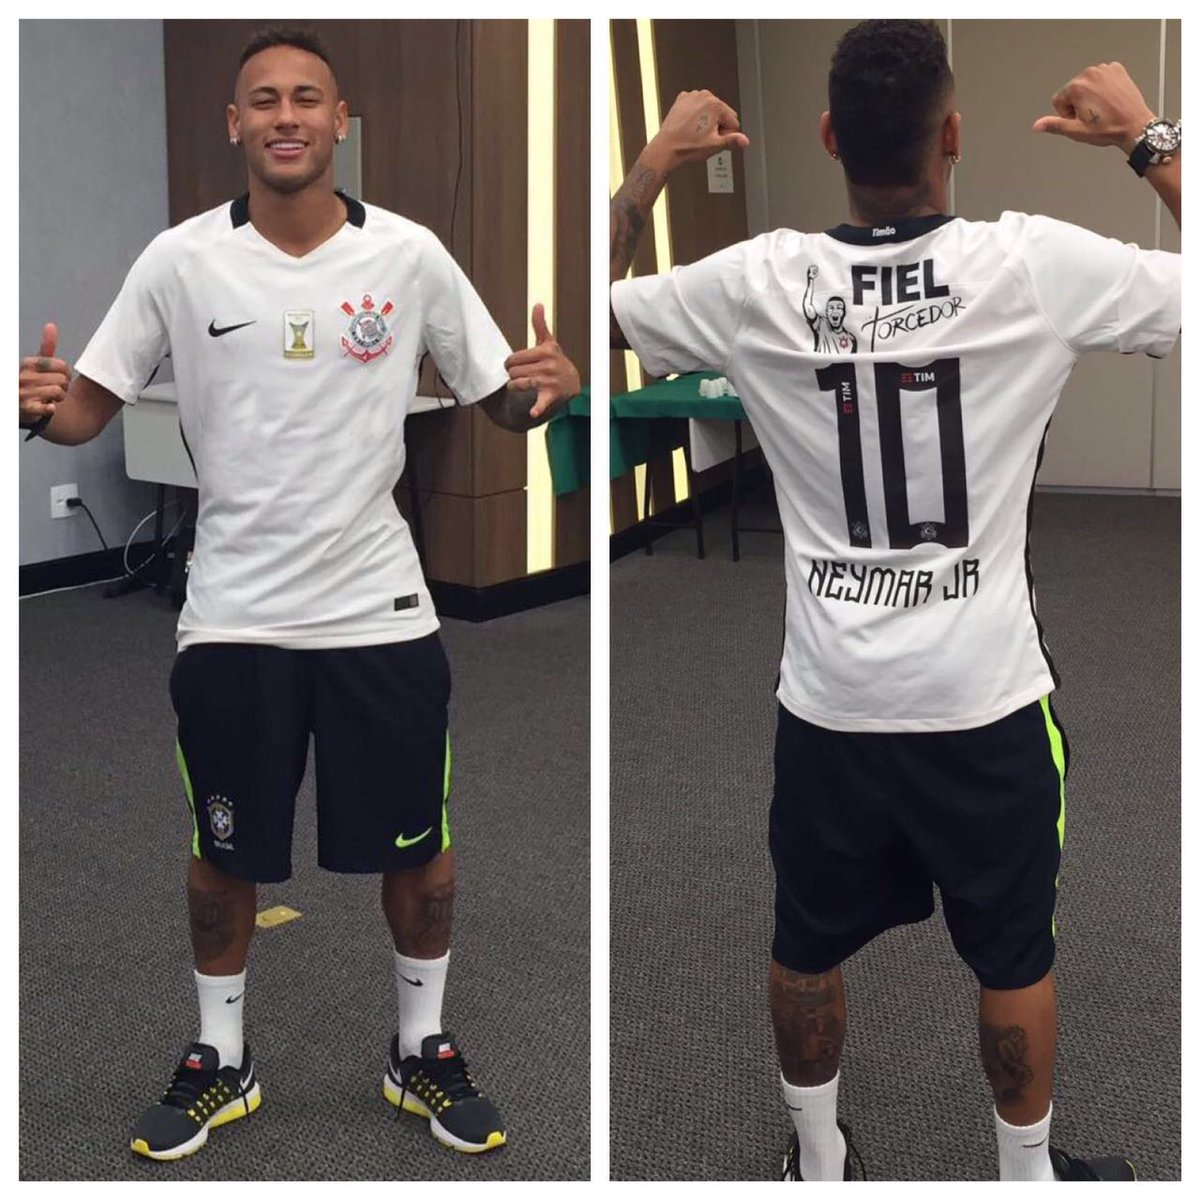 O #MantoAlvinegro é mágico. @neymarjr vestiu a camisa do #Timão antes de comandar o #BRA no triunfo do #ouro! https://t.co/Phua1VYbmk